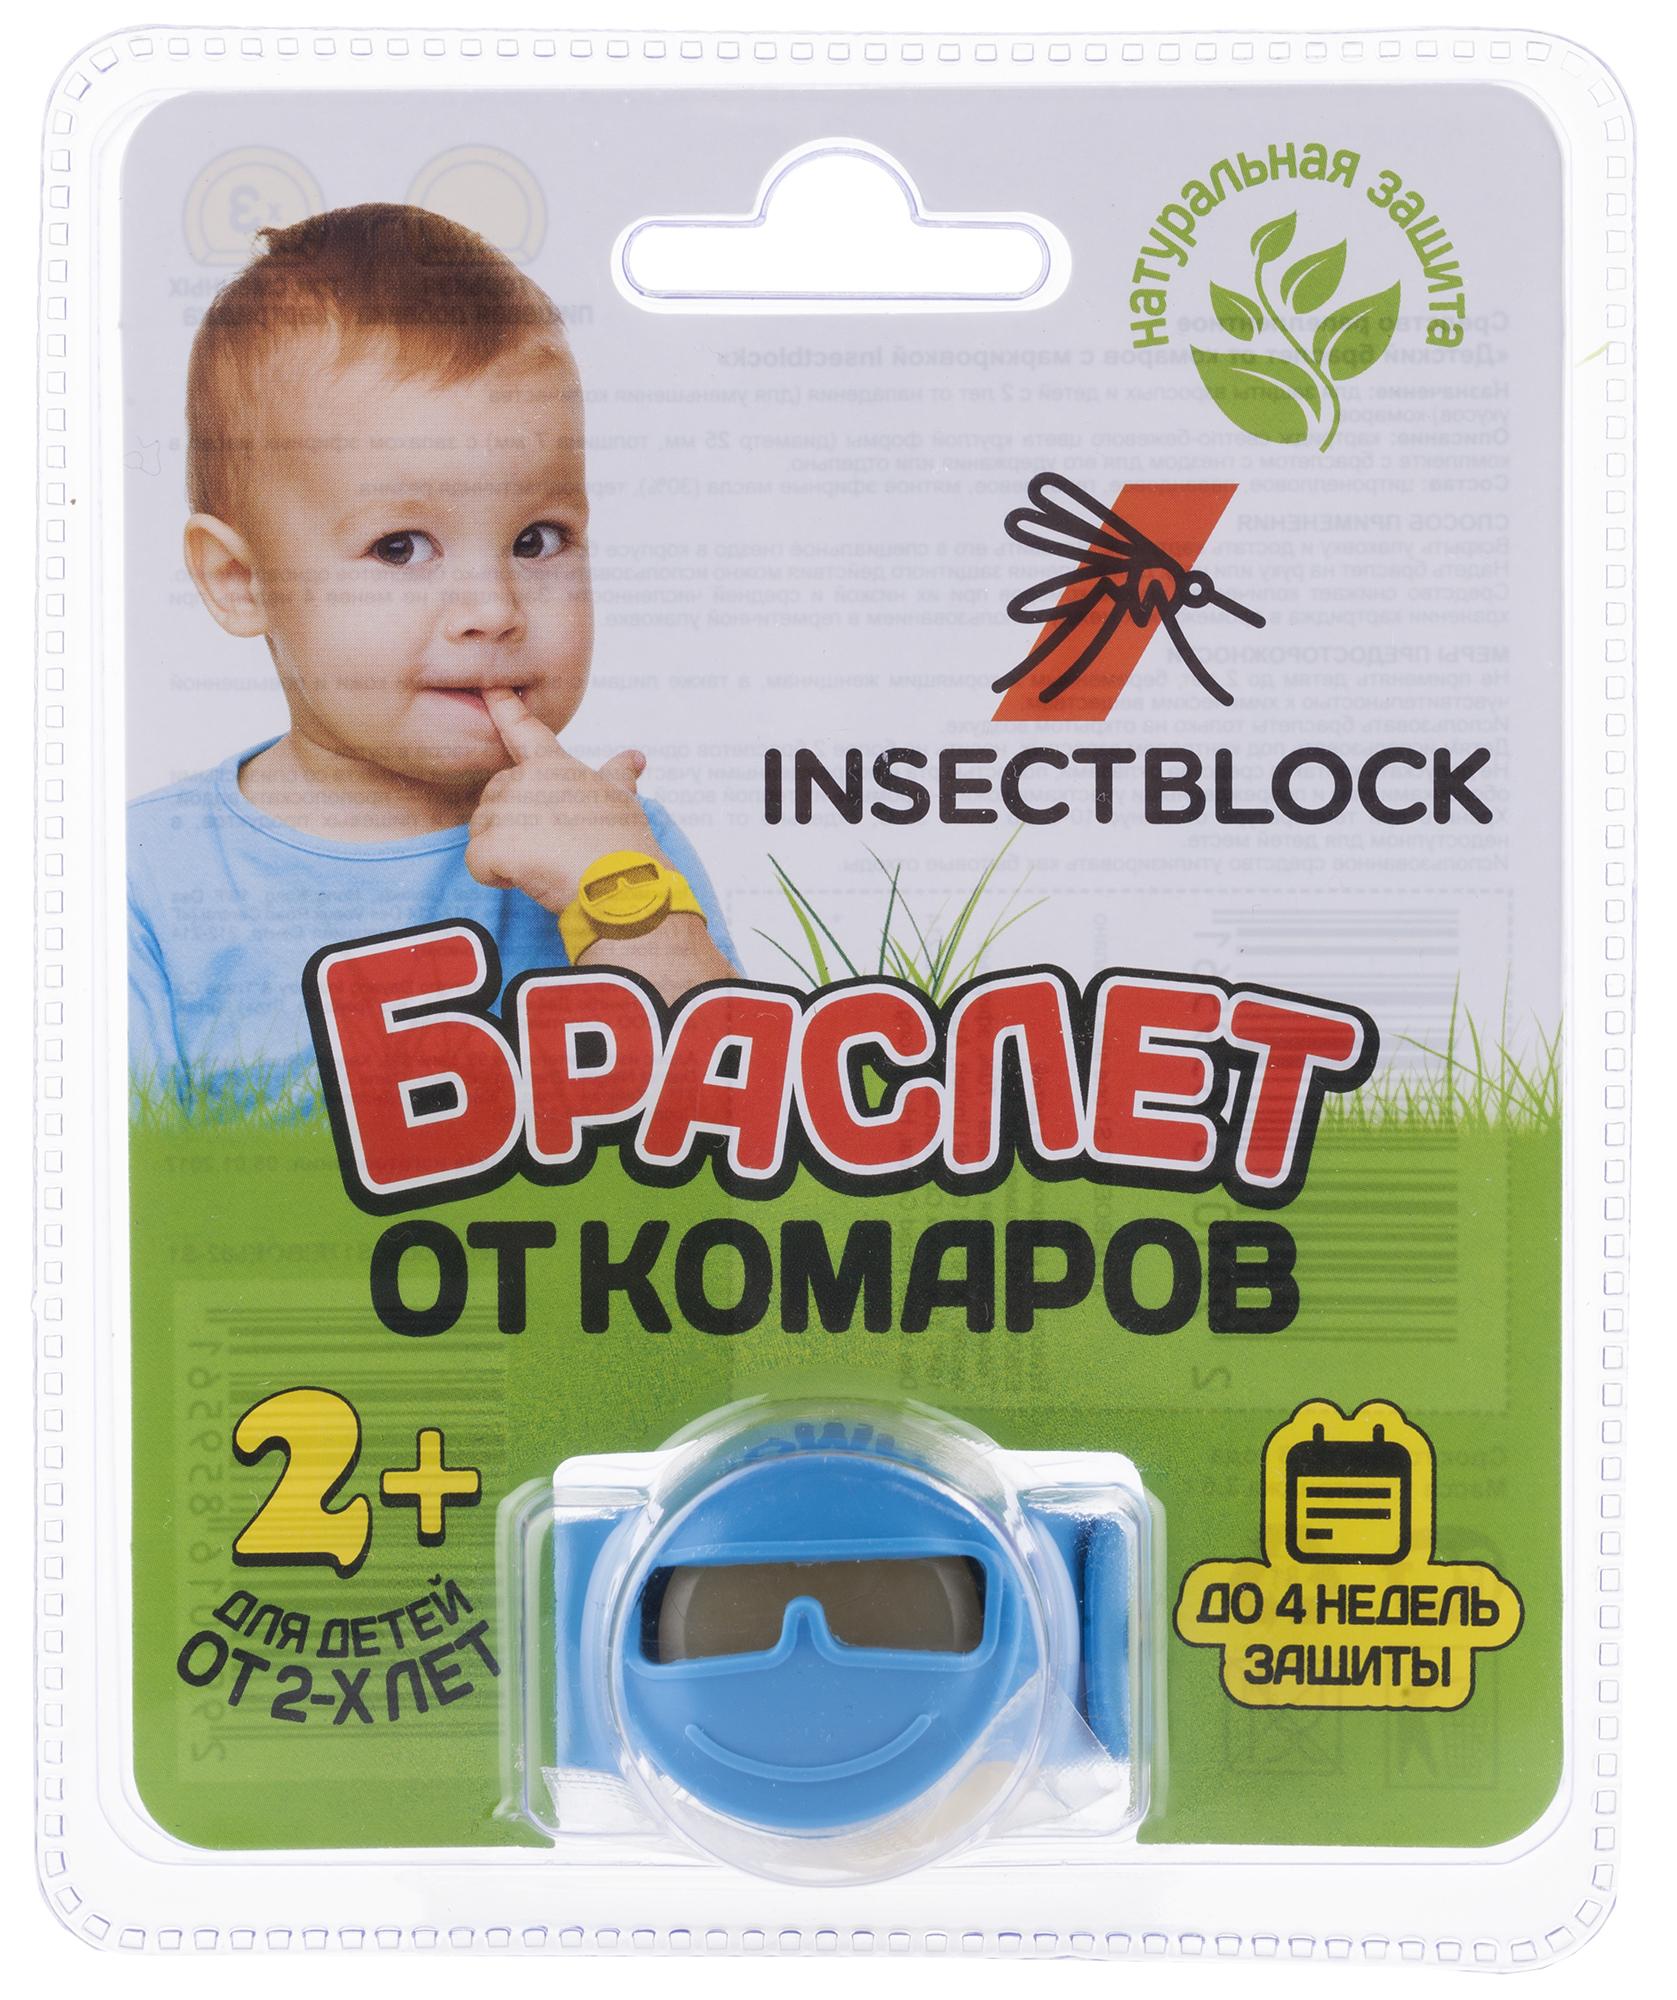 Insectblock Браслет от комаров детский Insectblock